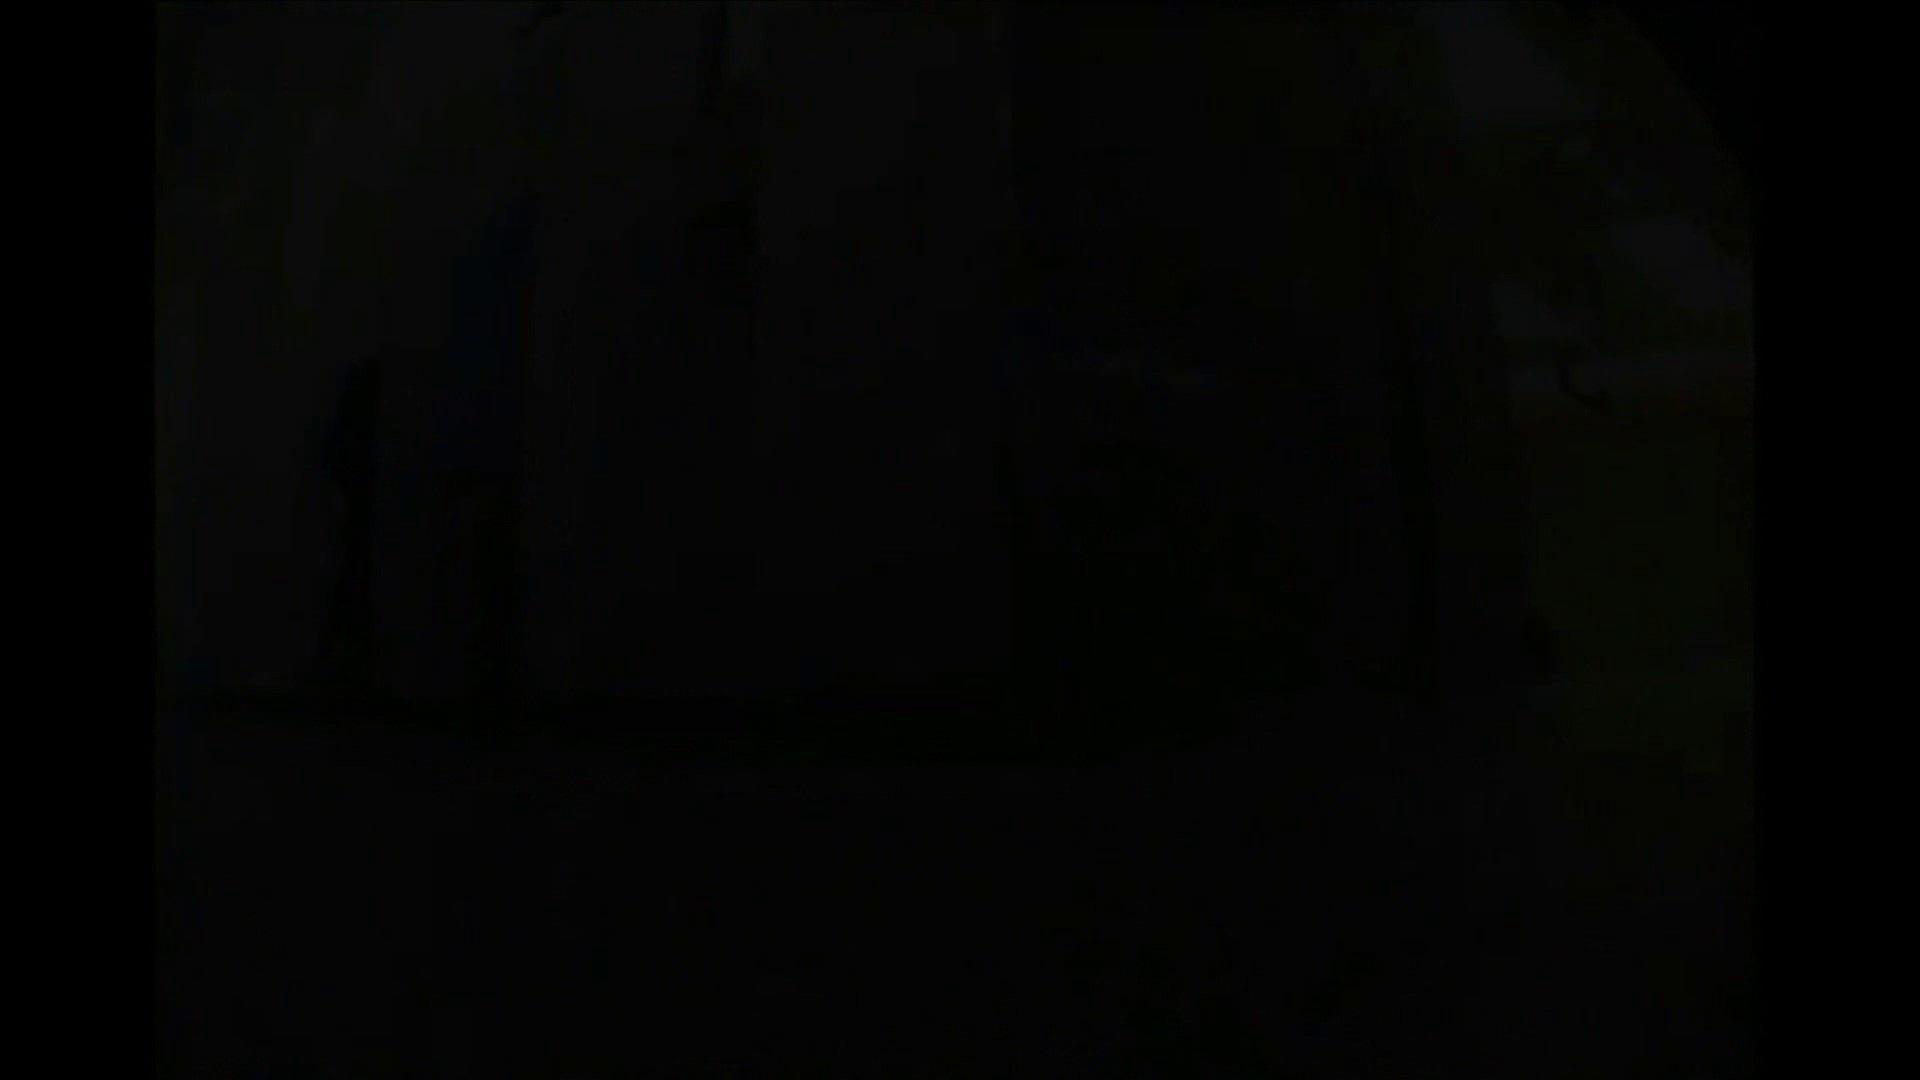 お漏らし寸前デパトイレ盗撮!Vol.04 トイレ SEX無修正画像 100枚 93